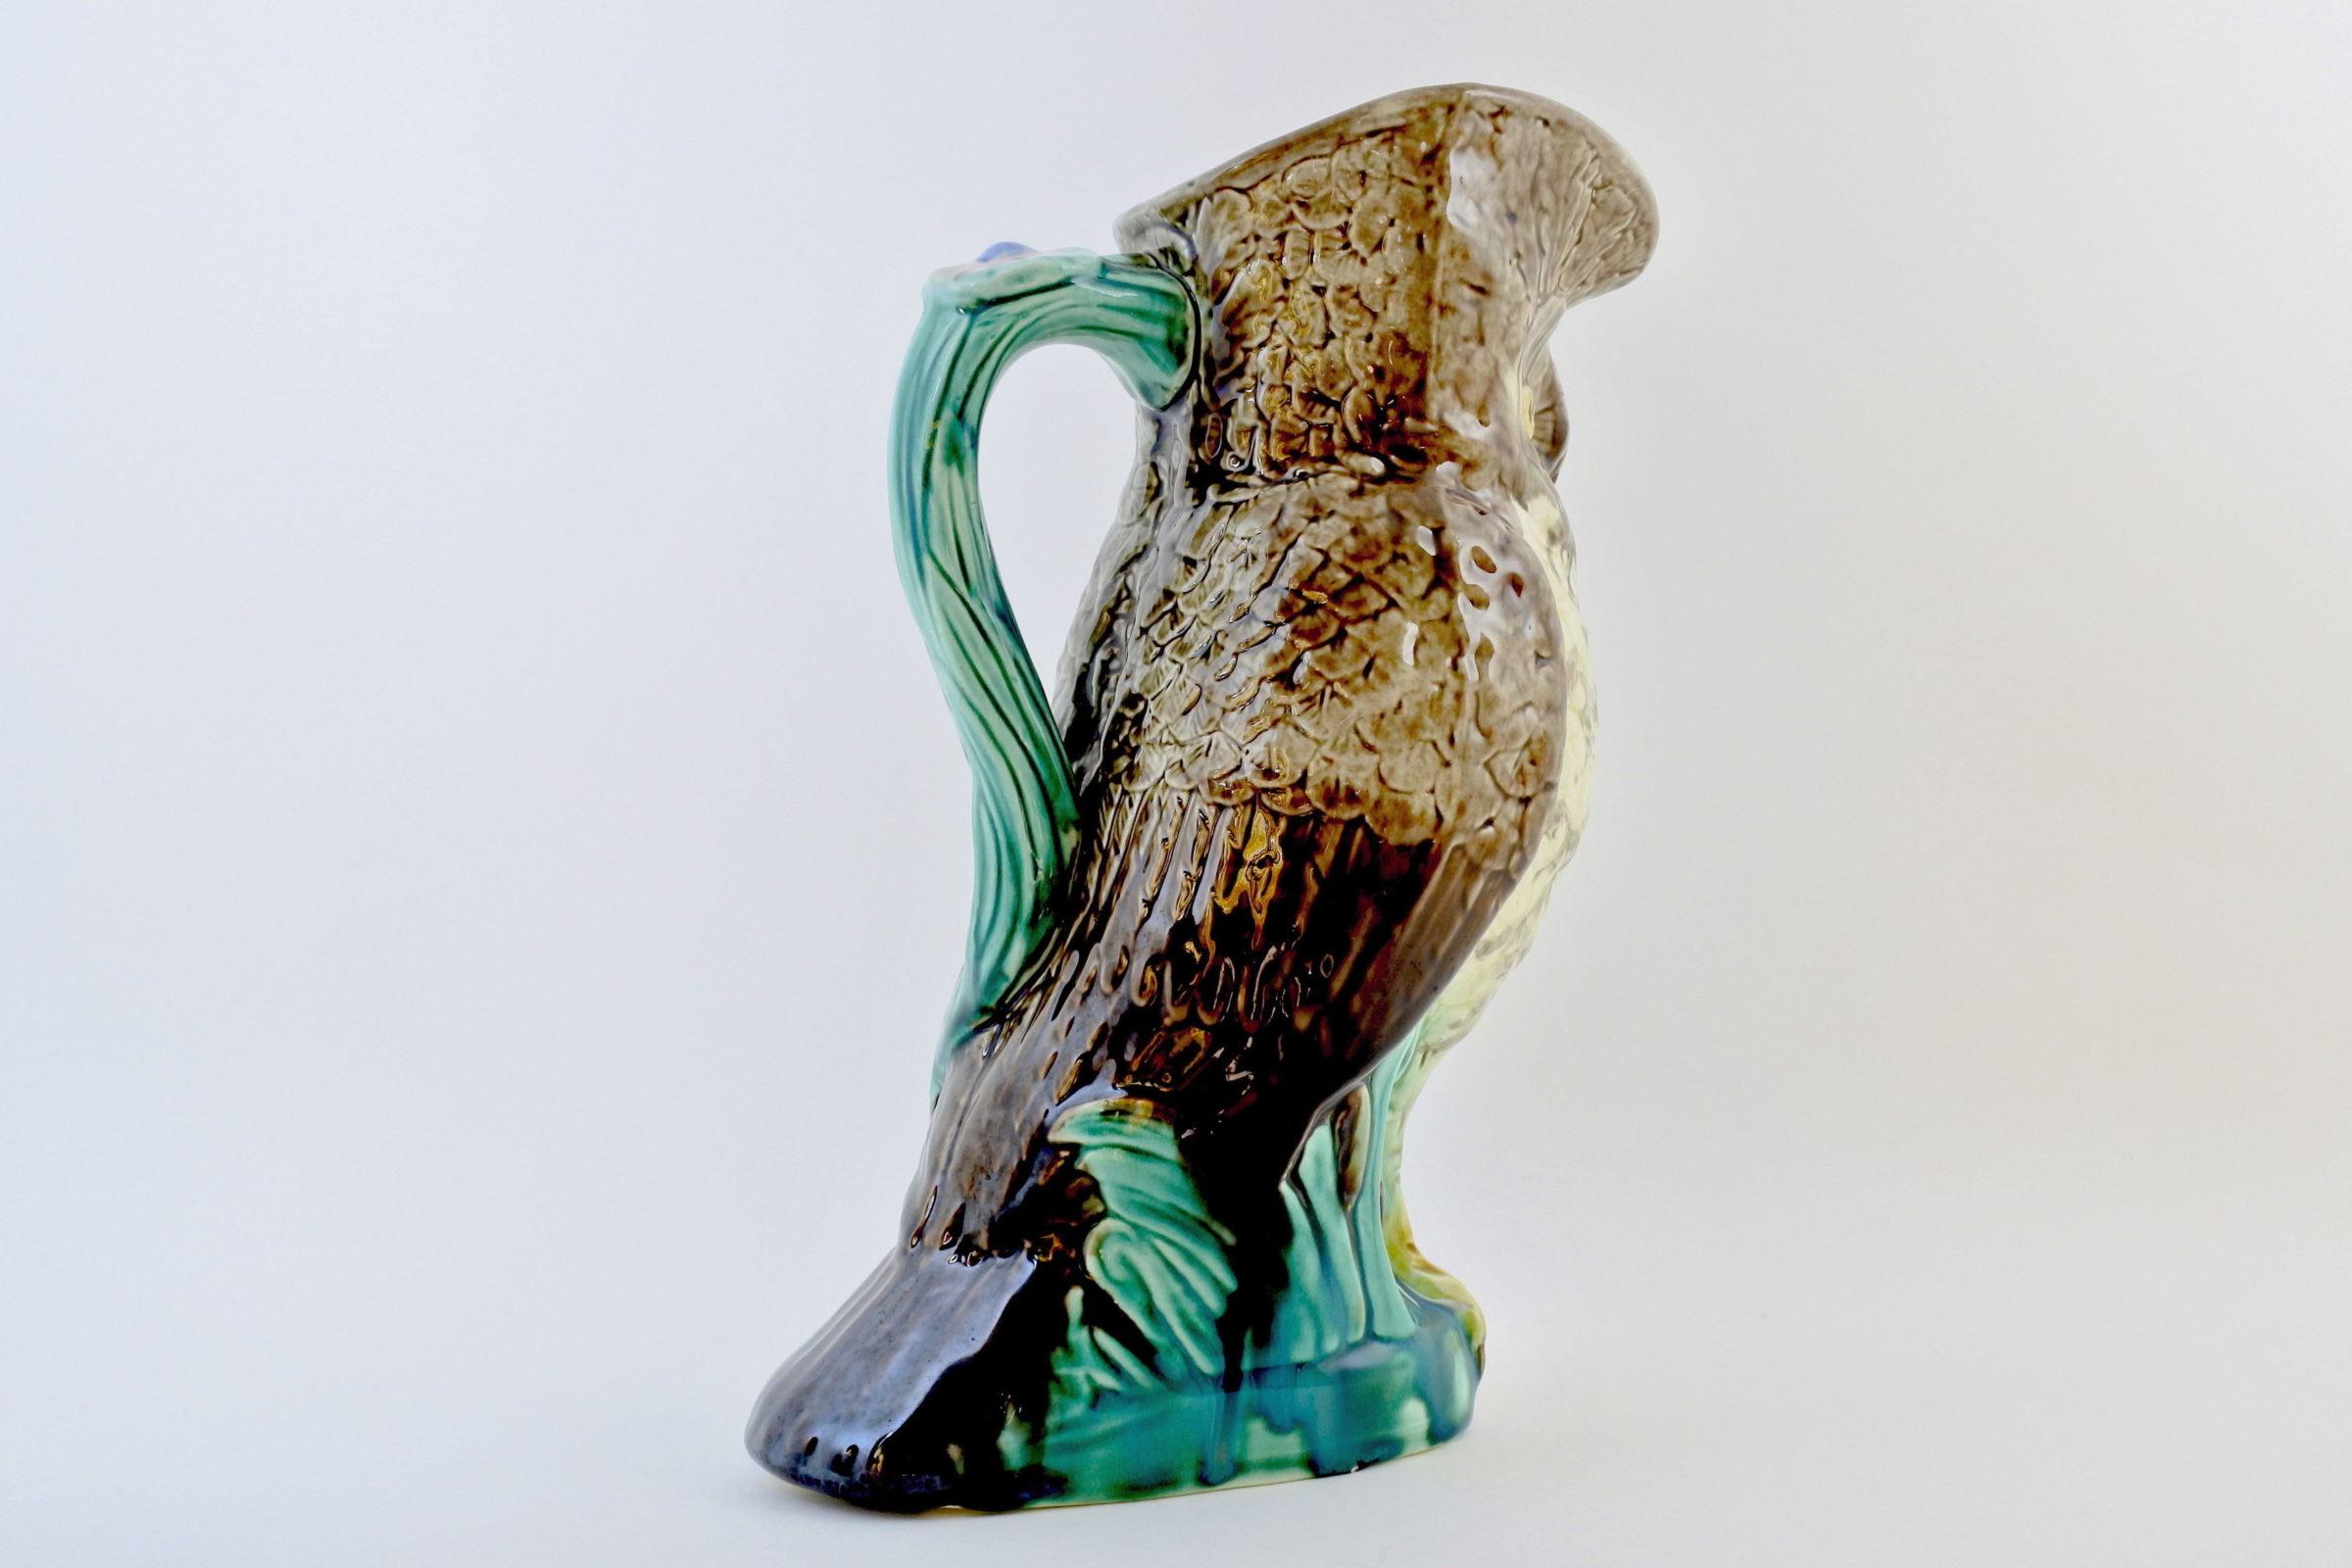 Brocca in ceramica barbotine a forma di civetta - Chouette - 3